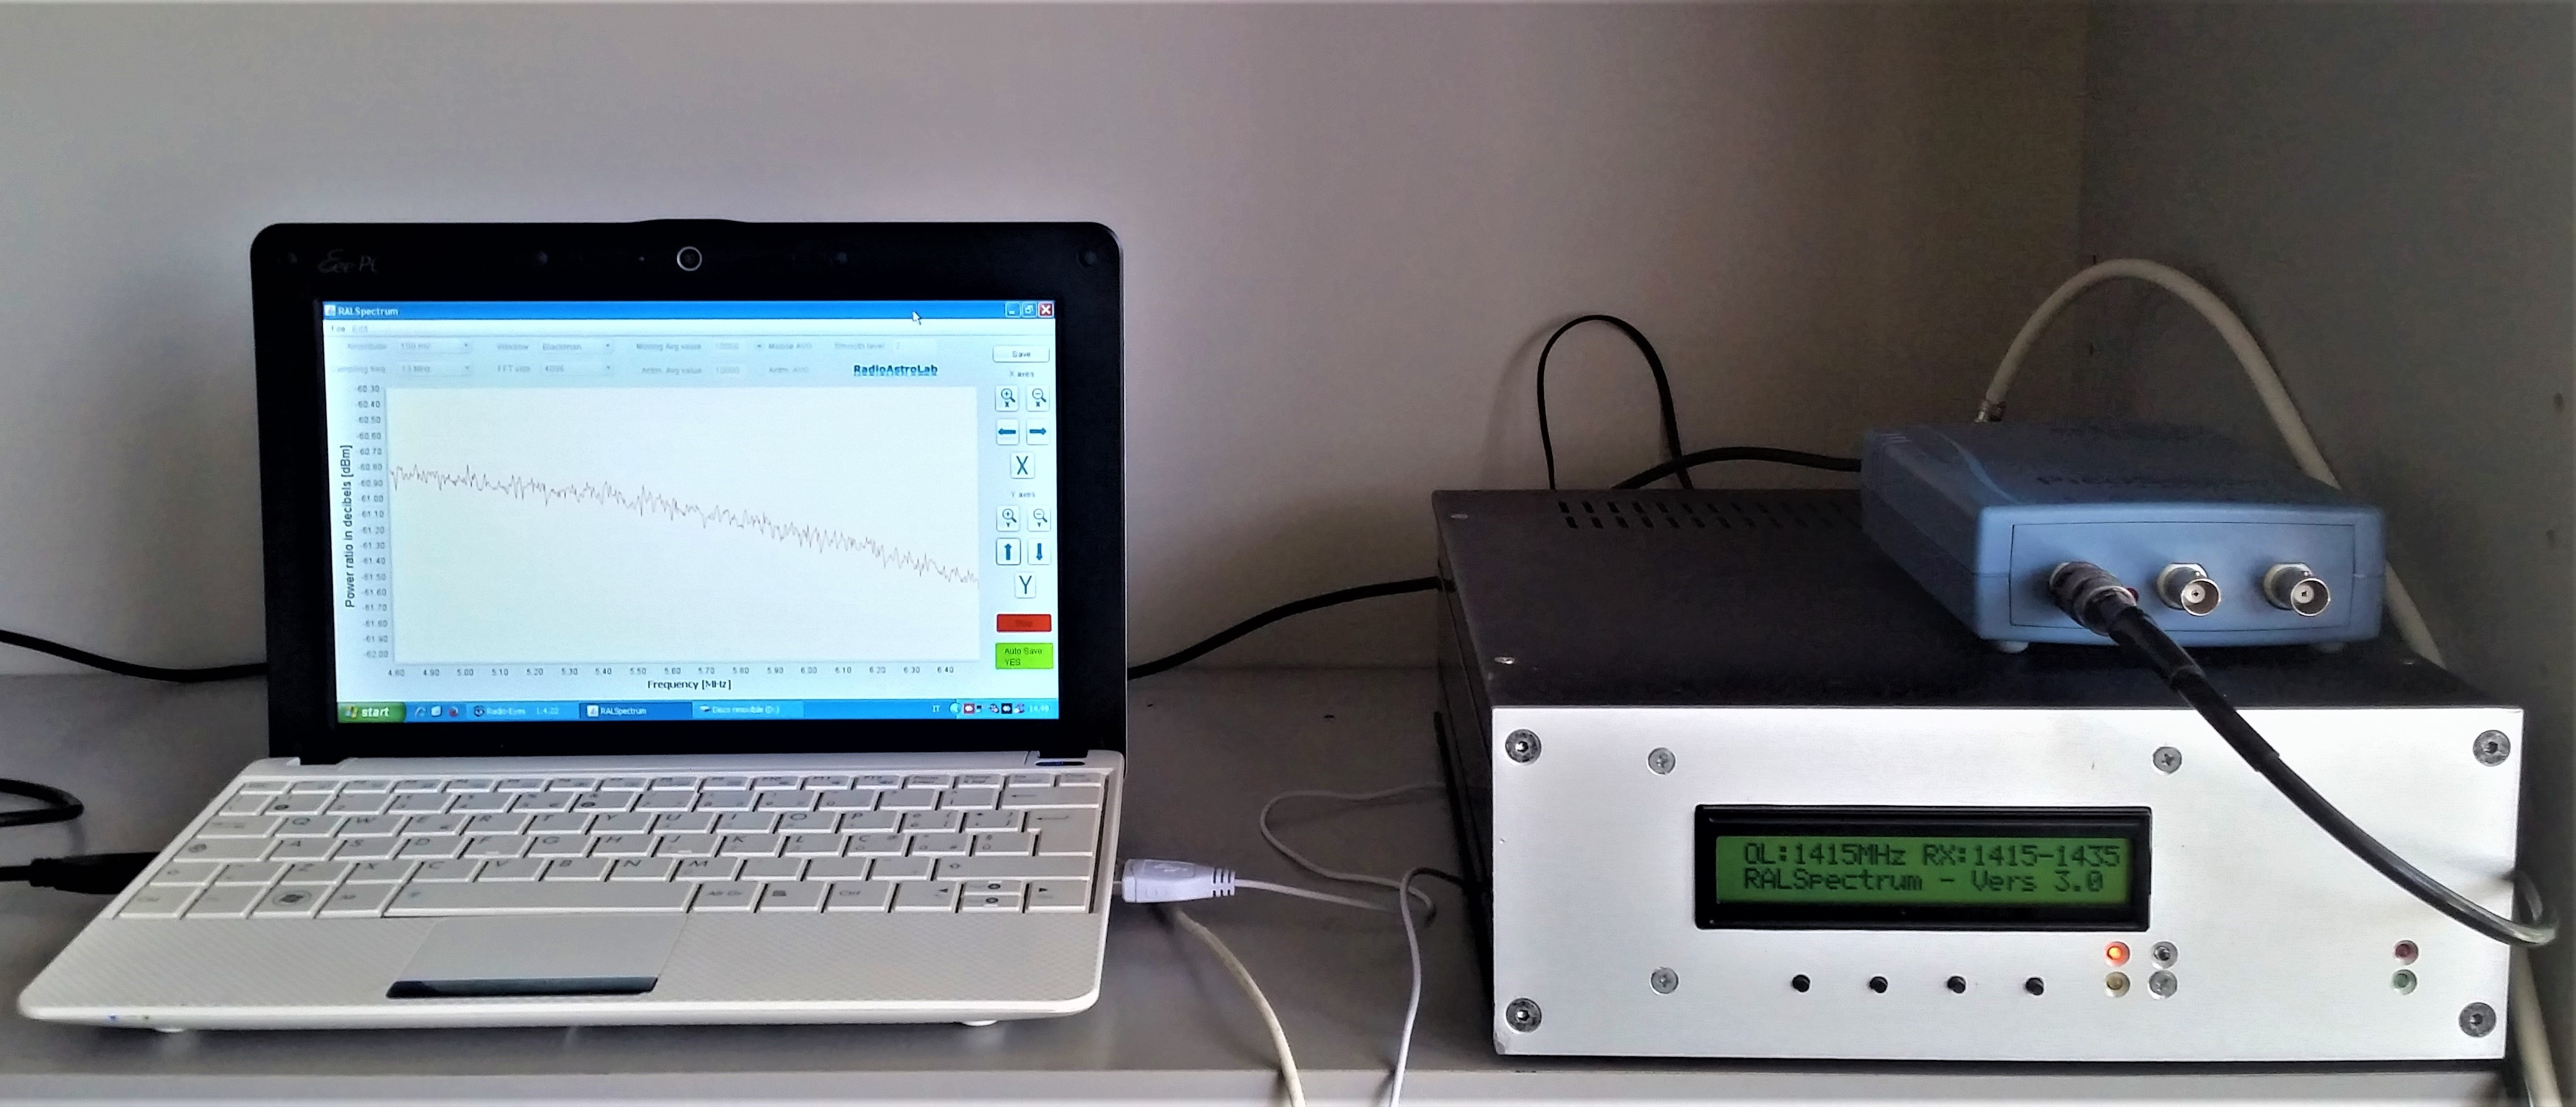 Unità ricevente interna: prototipo di radio-spettrometro FFT ad elevata stabilità RALSpectrum, sistema di acquisizione in banda-base e software di elaborazione. Lo strumento è controllabile da remoto via internet.